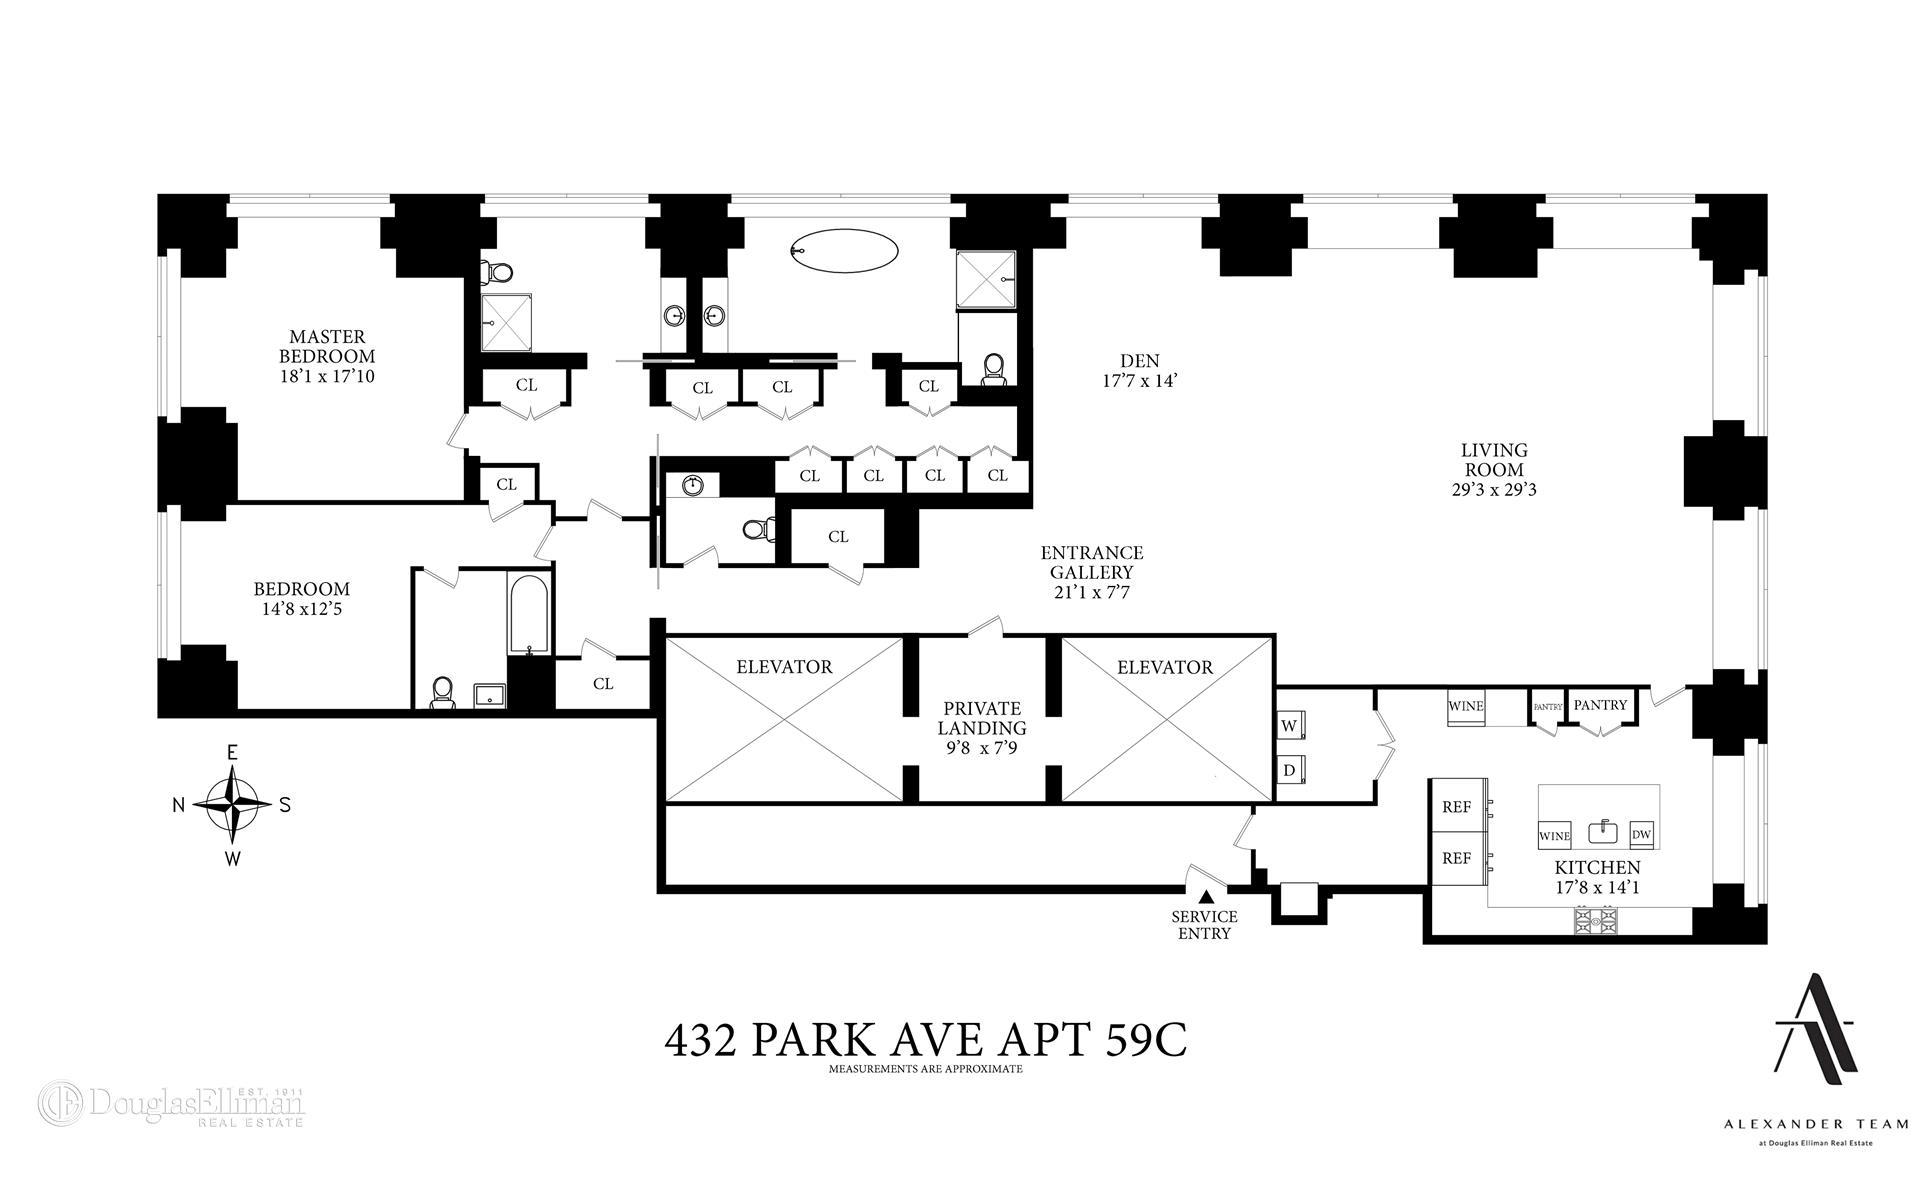 432 Park Avenue Interior Photo